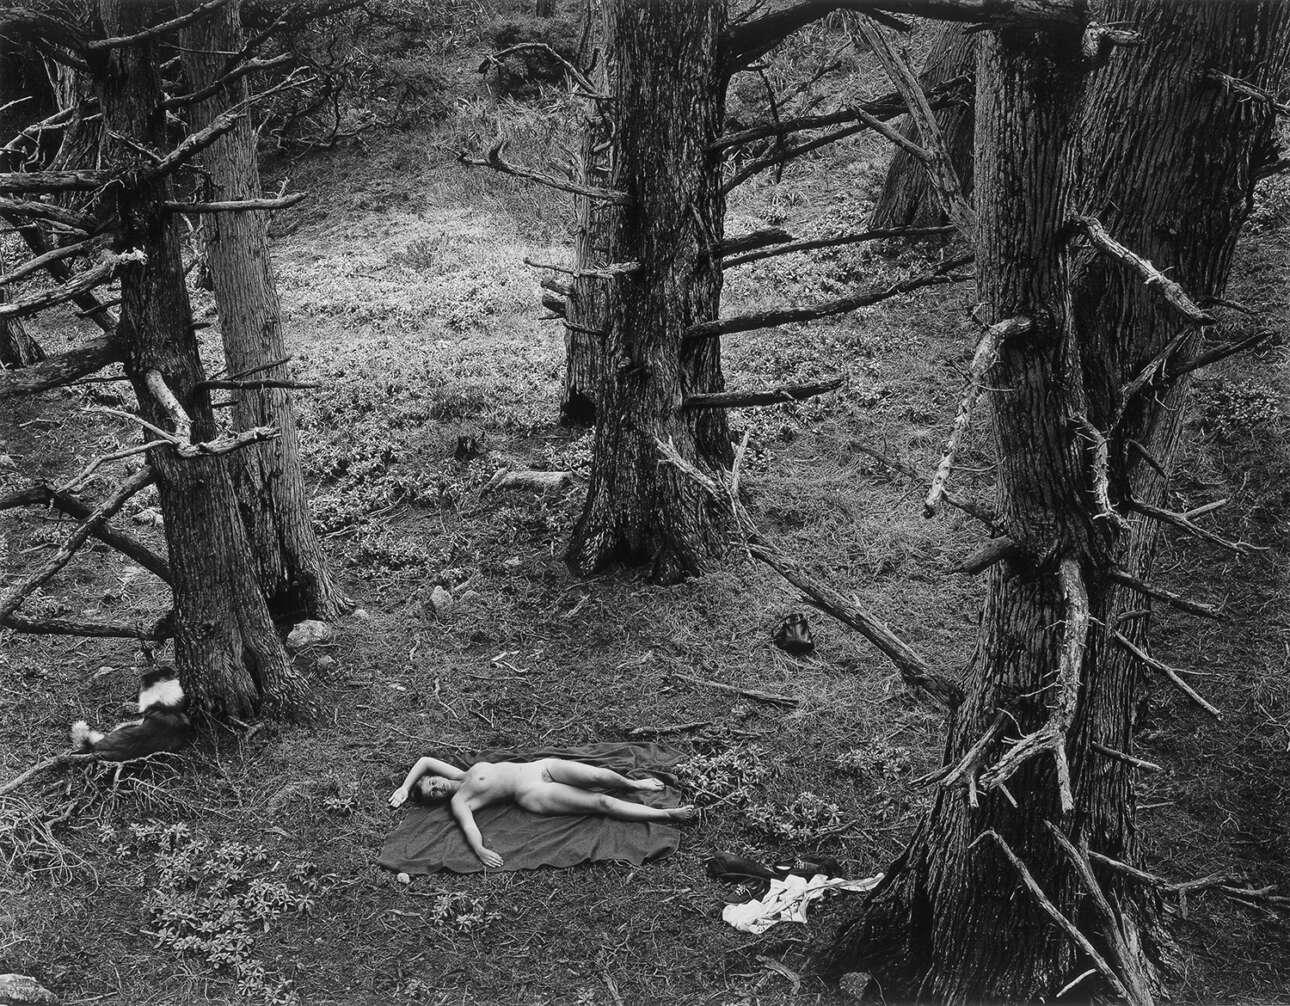 «Γυναίκα και Σκύλος στο Δάσος», 1953. Αυτό που αποτυπώνεται στις φωτογραφίες του Μπούλοκ,  είναι ένα όραμα για ανθρώπους φωλιασμένους μέσα σε έναν φυσικό κόσμο που είναι ταυτόχρονα θαυμάσιος και μυστηριώδης